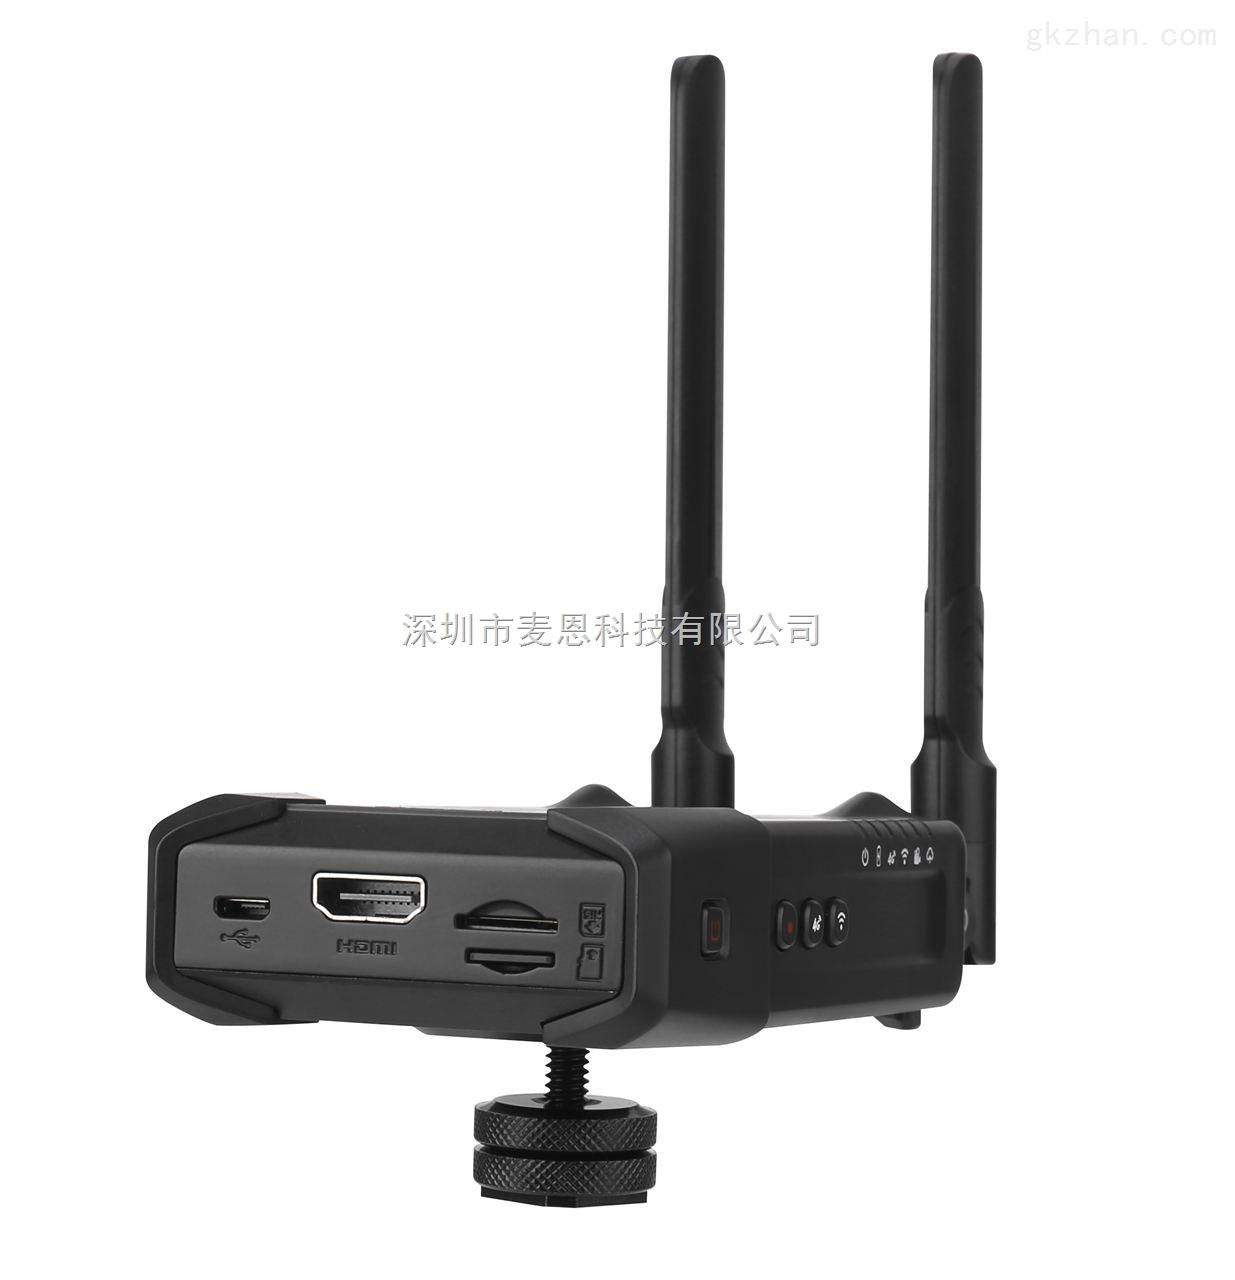 H.265高清视频编码器WIFI/4G无线带录制户外推流机斗鱼直播编码器